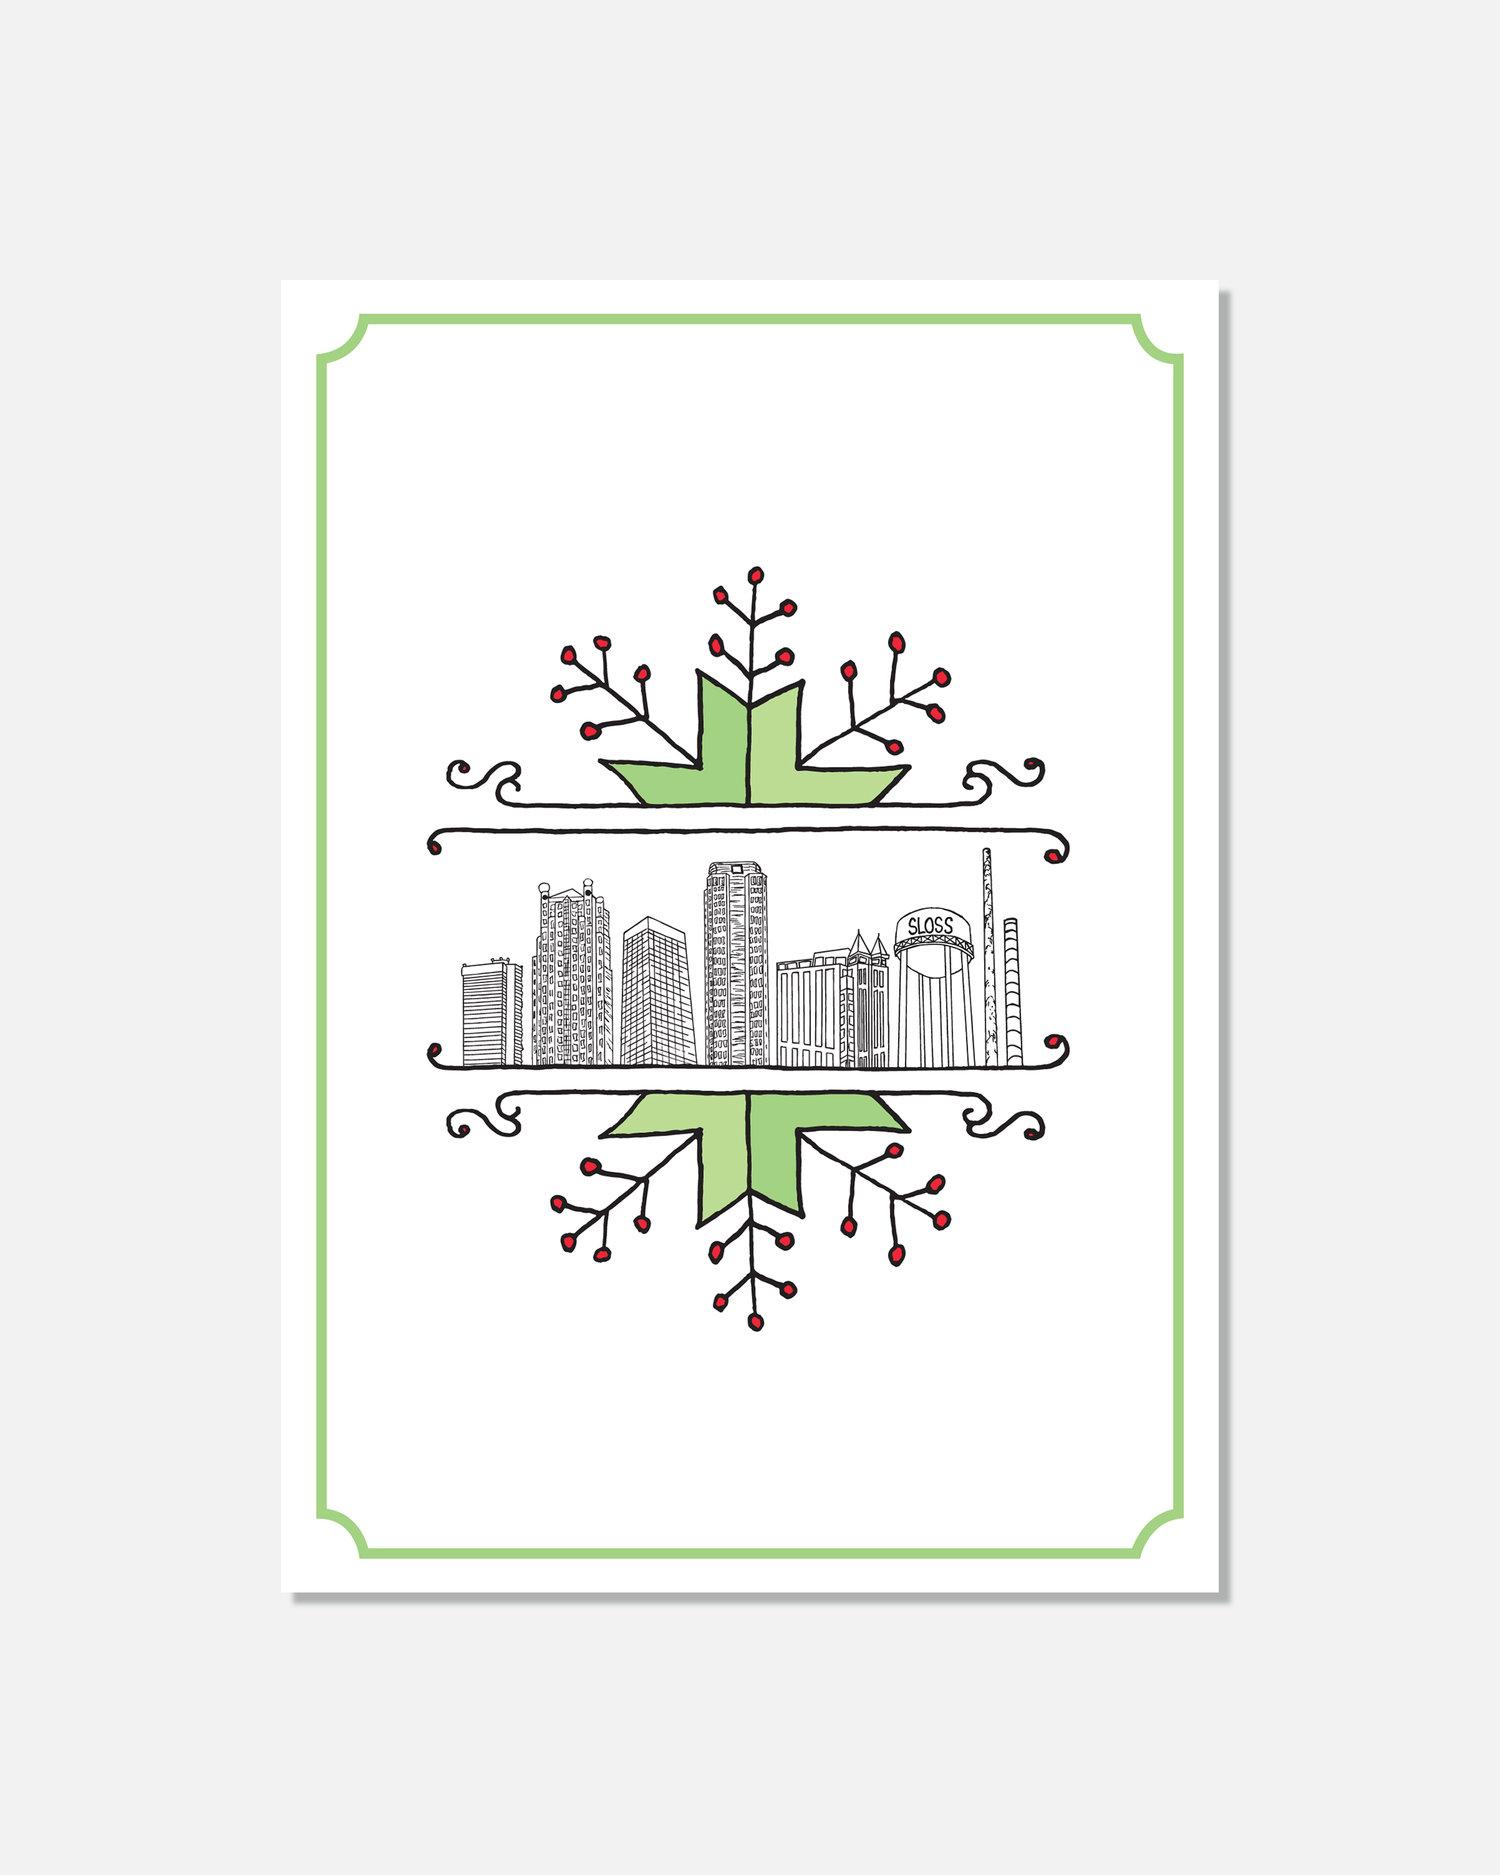 Graham+&+Co.+Christmas+Card+2016_Mockup.jpg